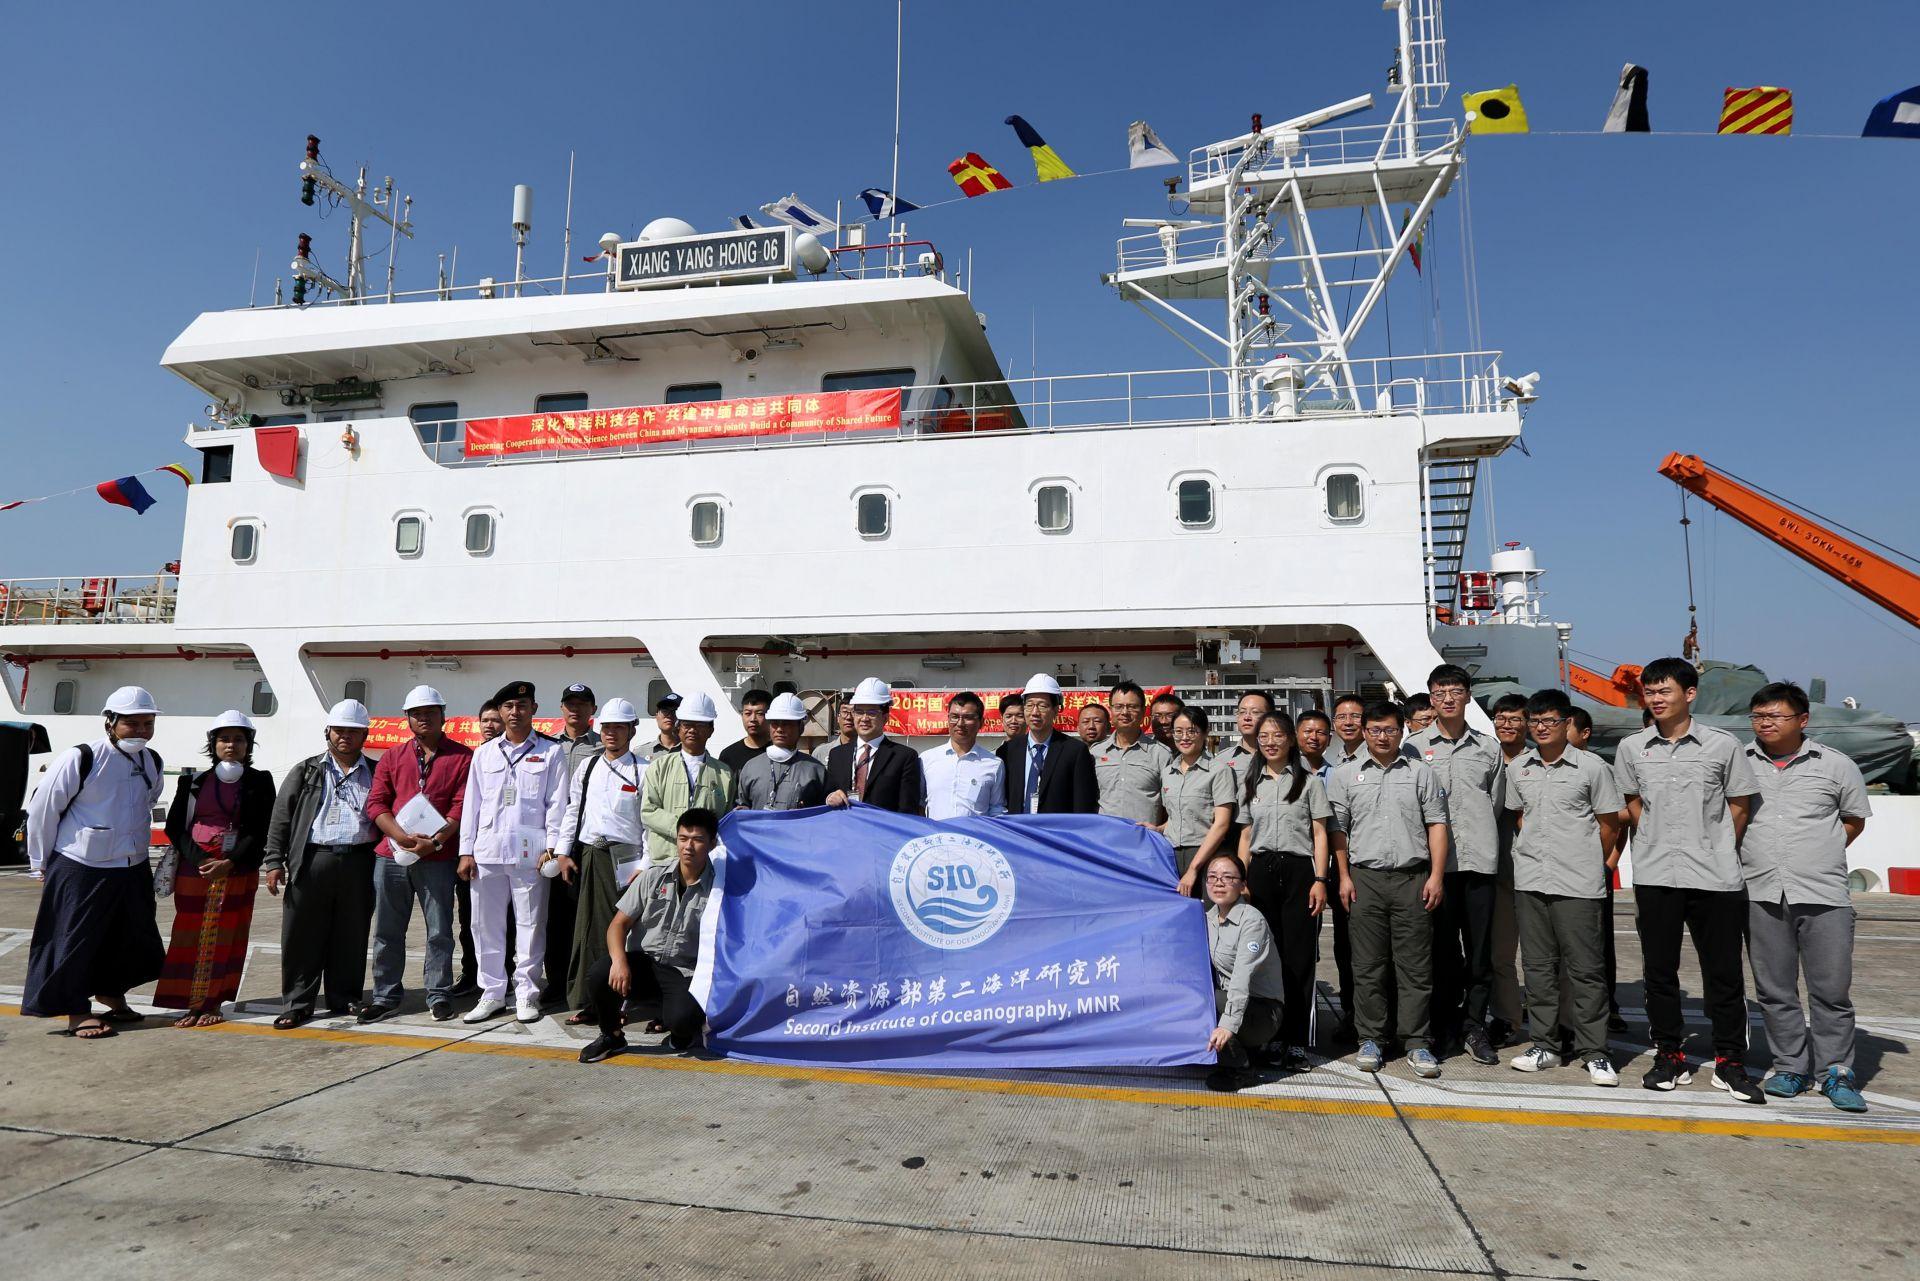 2月13日,在缅甸仰光迪拉瓦港,出席2020年缅甸专属经济区海洋与生态联合科学调查启动仪式的工作人员合影留念。新华社发(吴昂摄)